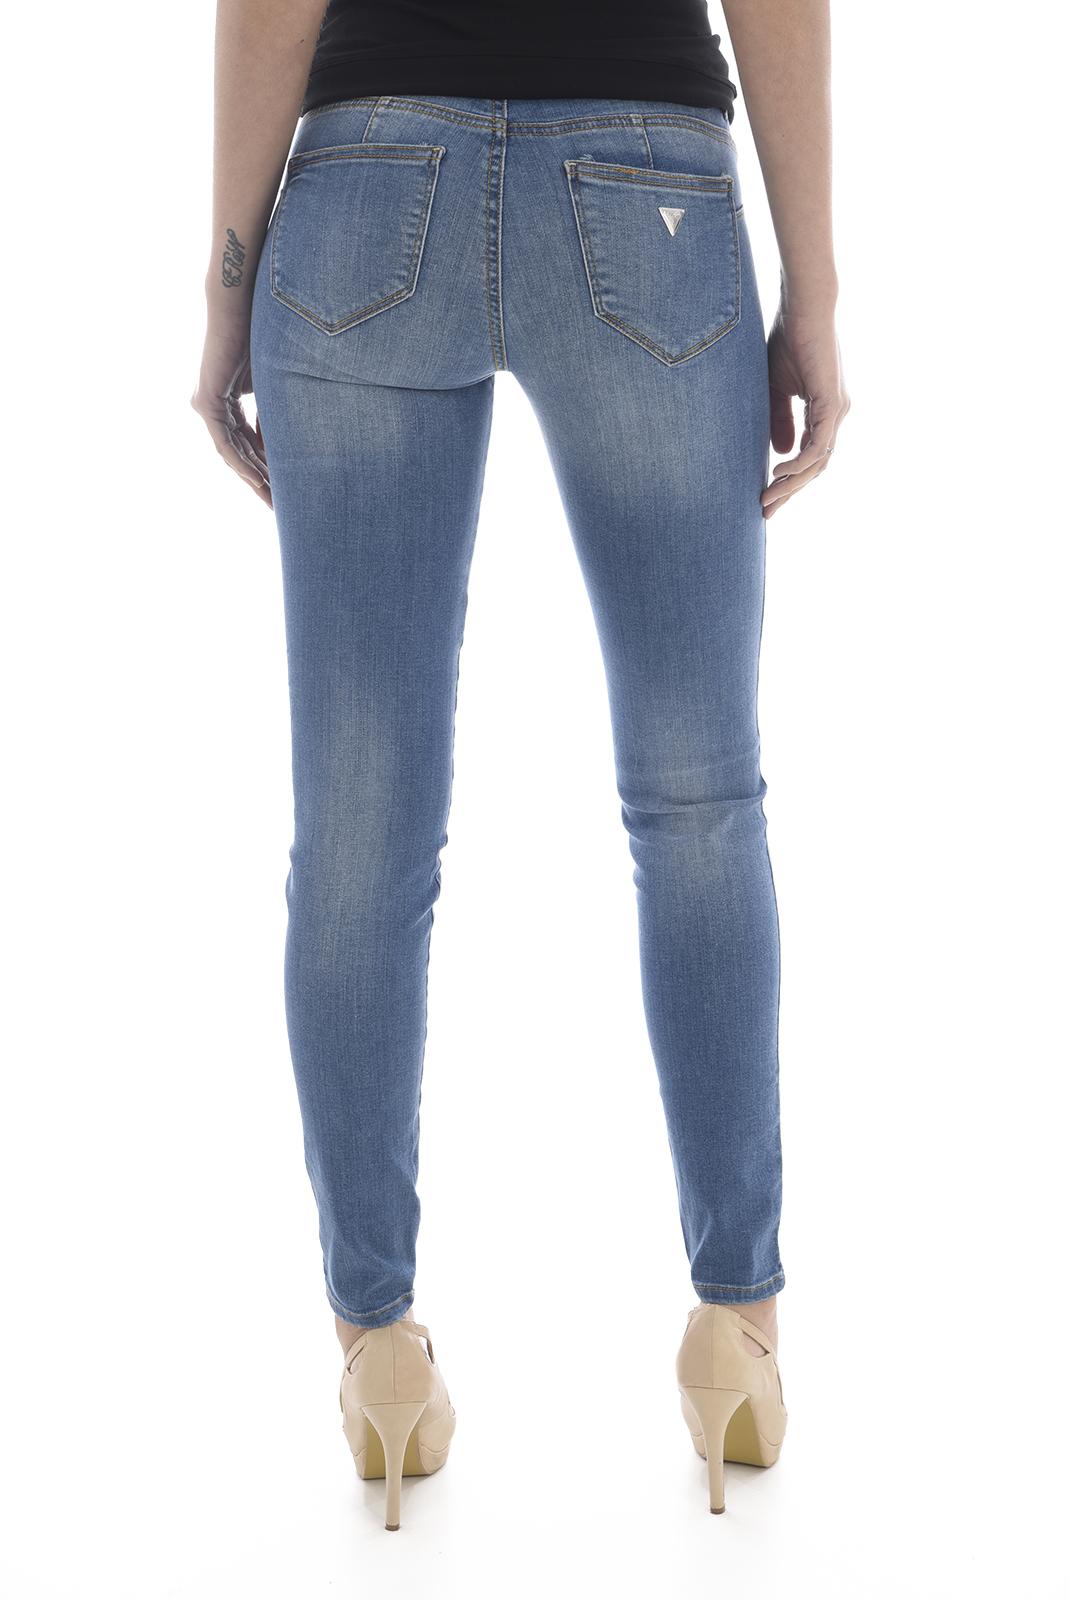 Jeans   Guess jeans W82AJ2 D32B0 PALM BLUE